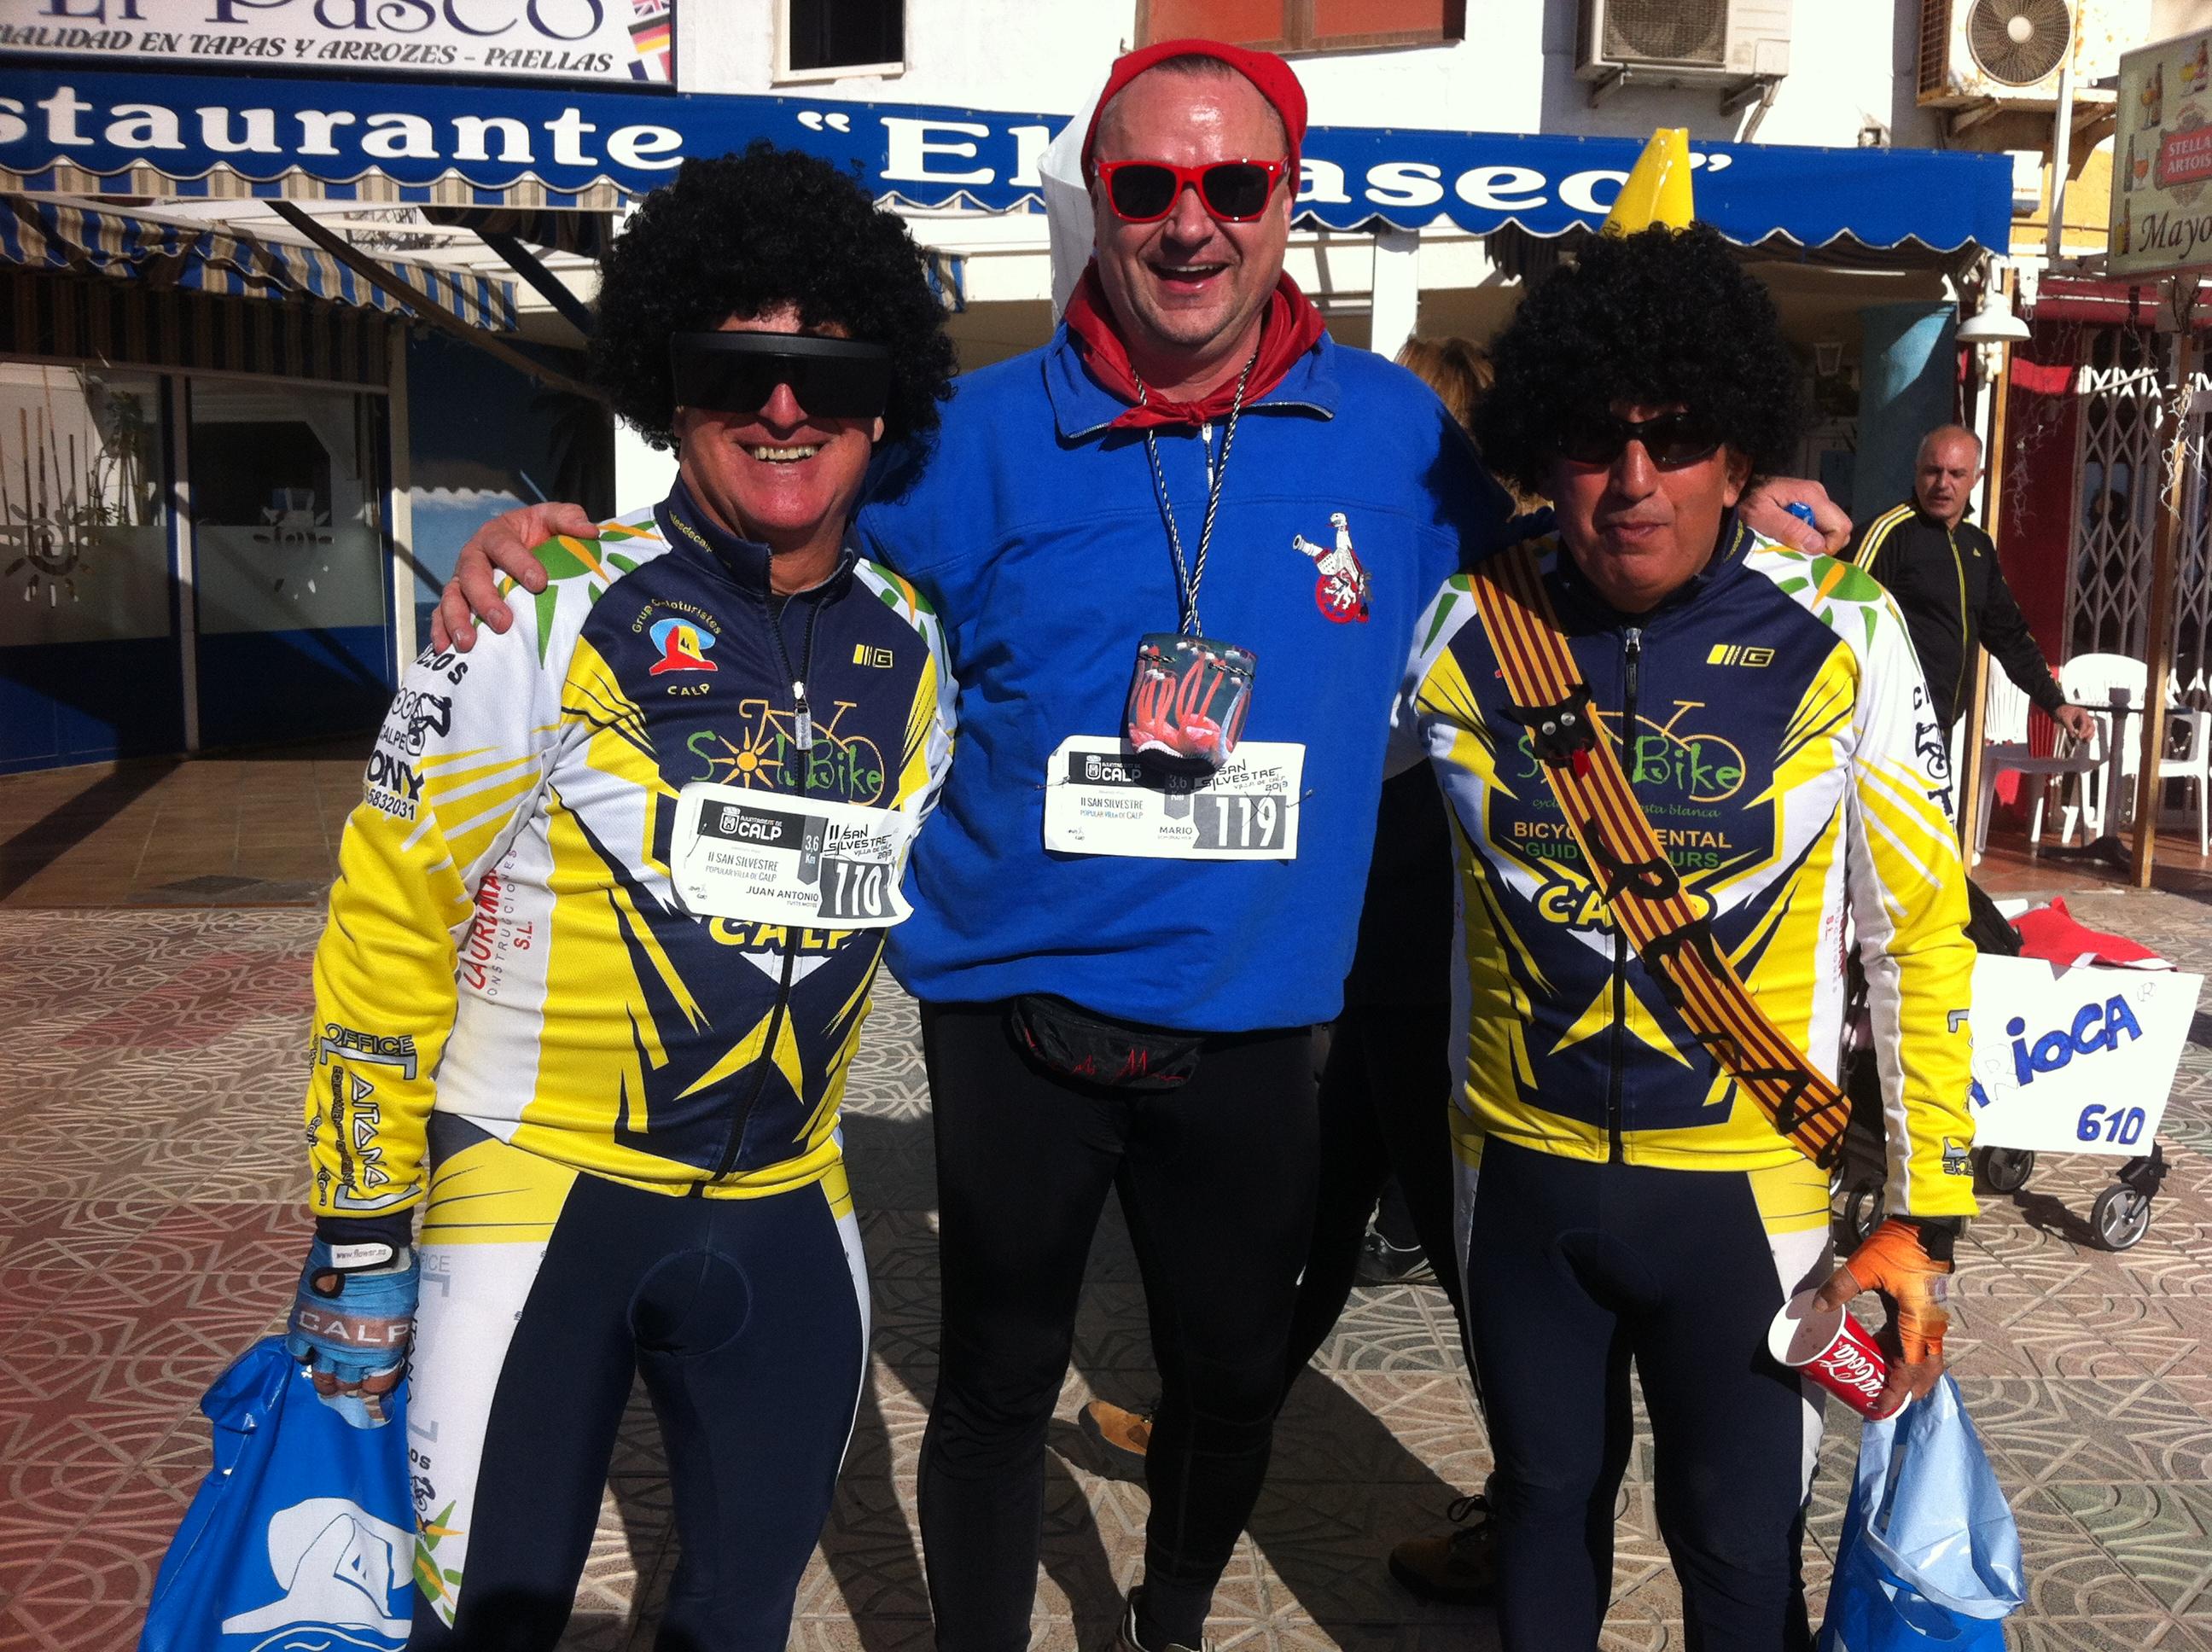 III Carrera San Silvestre Villa de Calpe – 28.Diciembre 2014, Mario Schumacher Blog